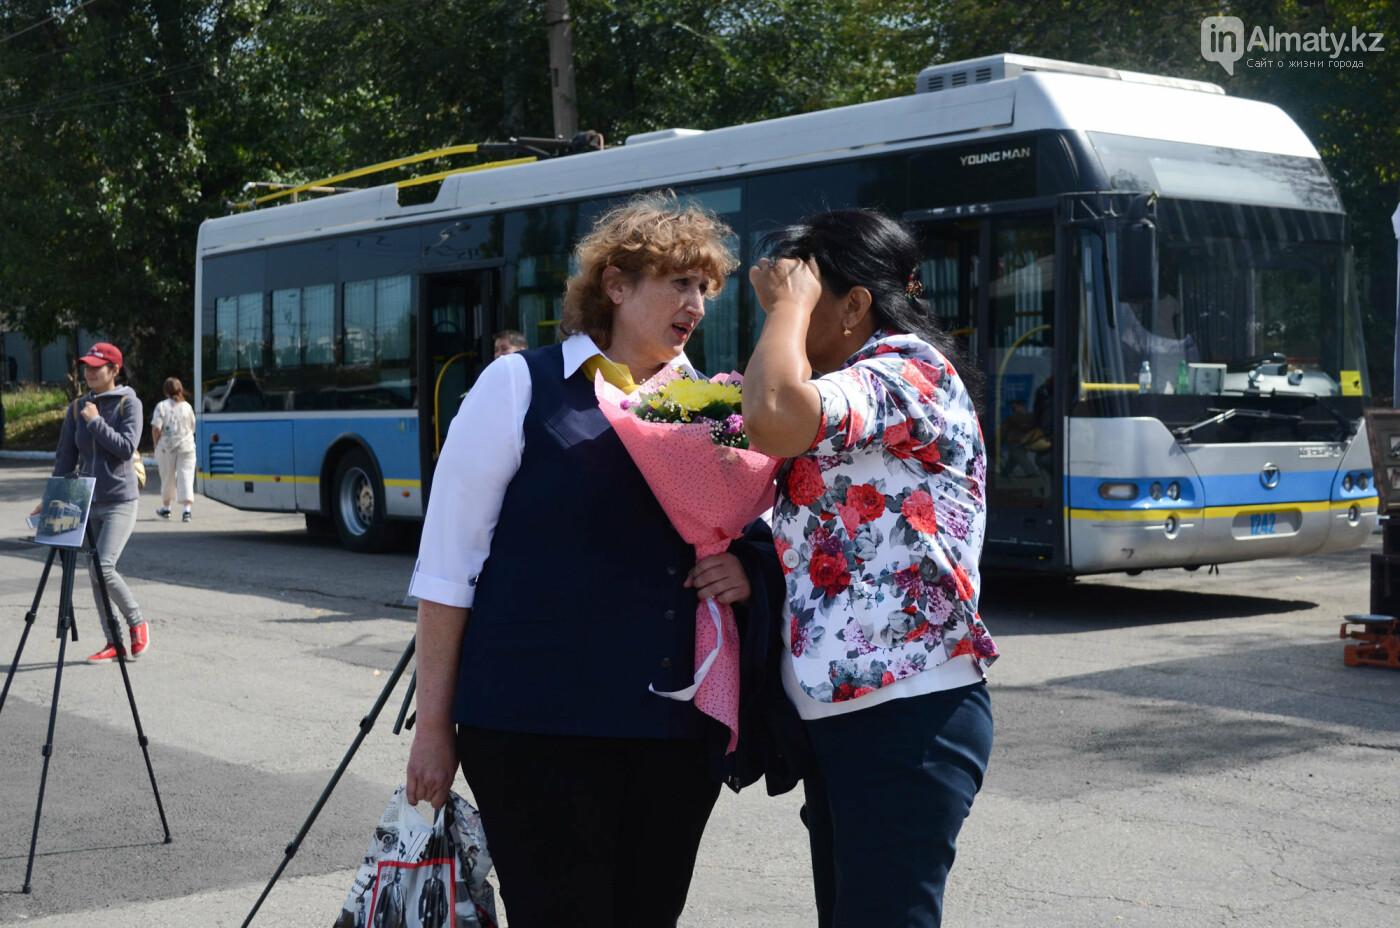 Юбилей троллейбуса отметили в Алматы (фото), фото-4